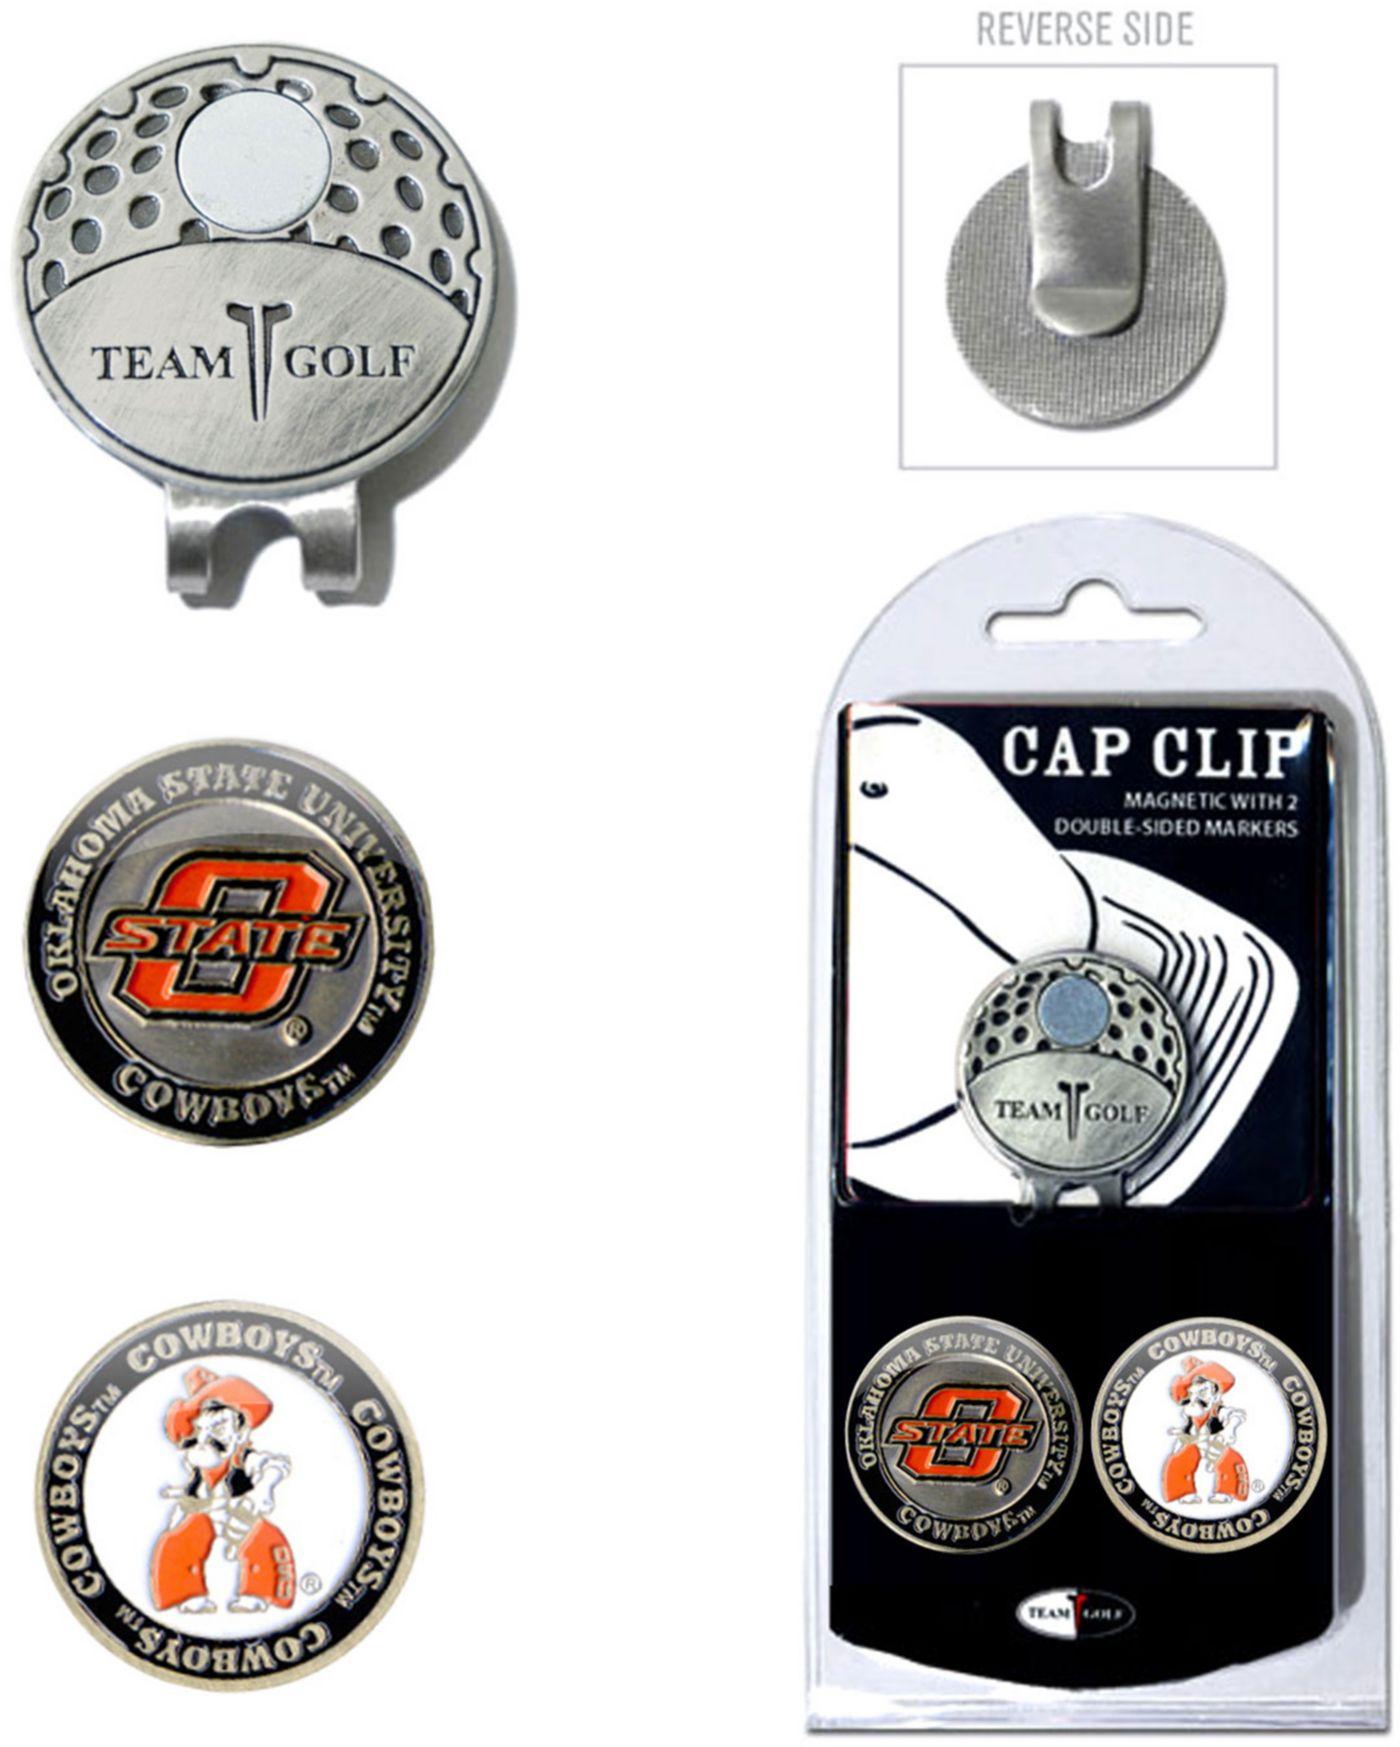 Team Golf Cap Clip